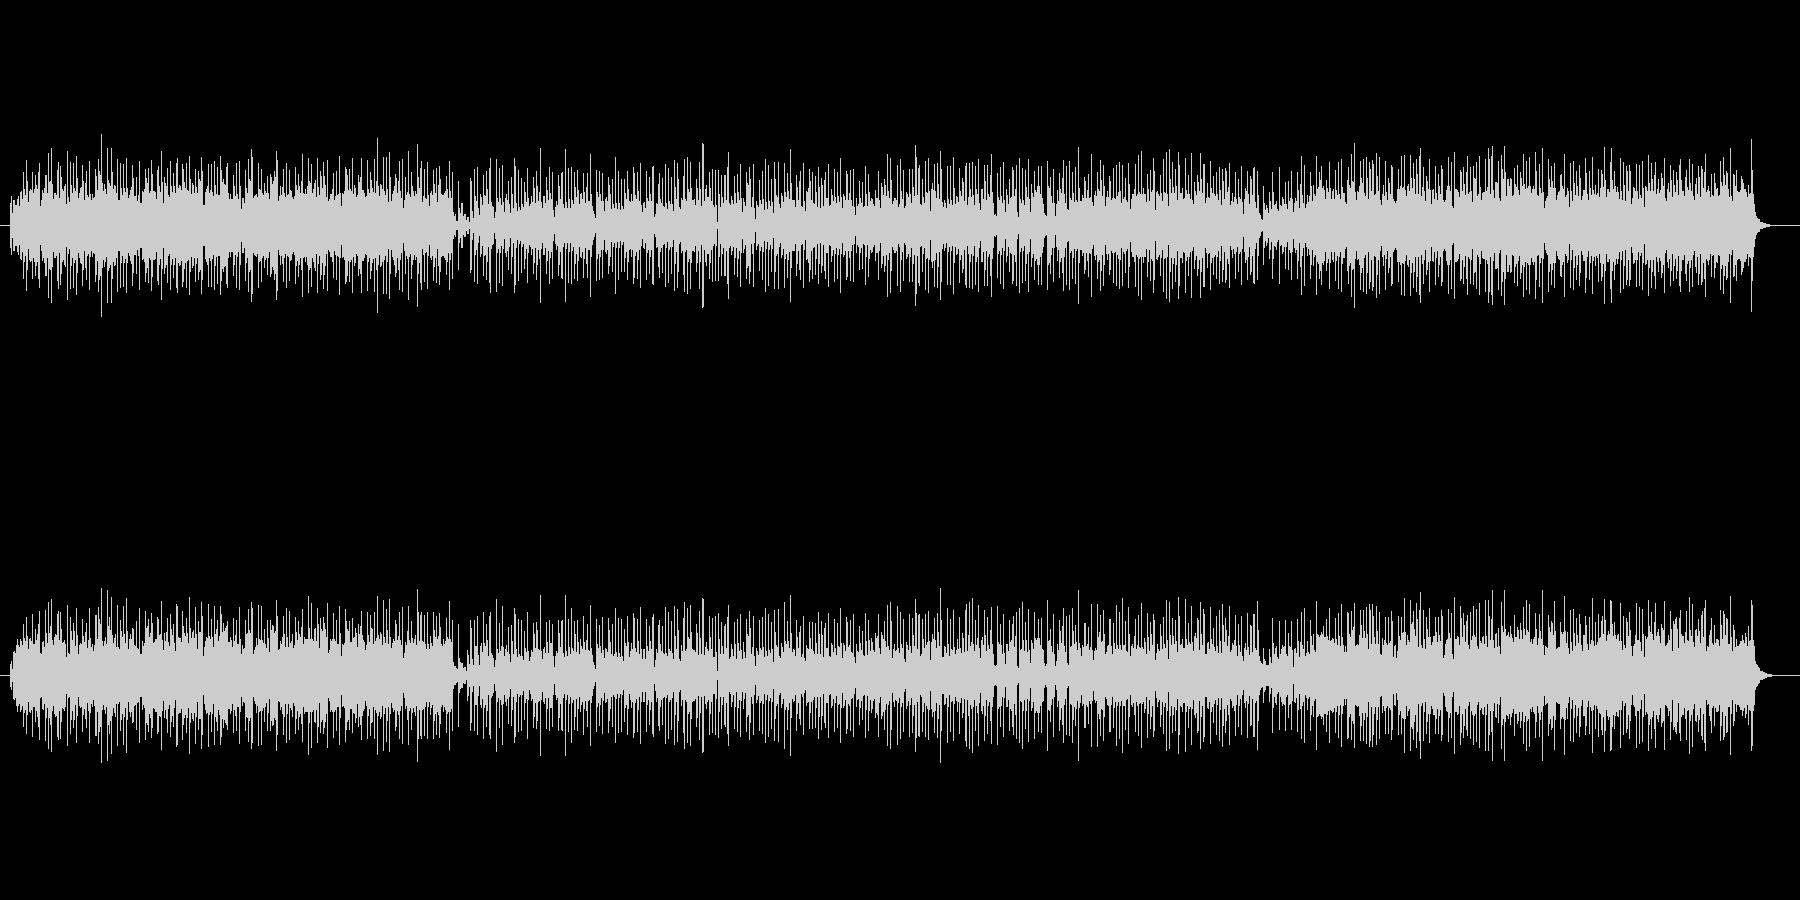 エンディング向きフュージョンの未再生の波形